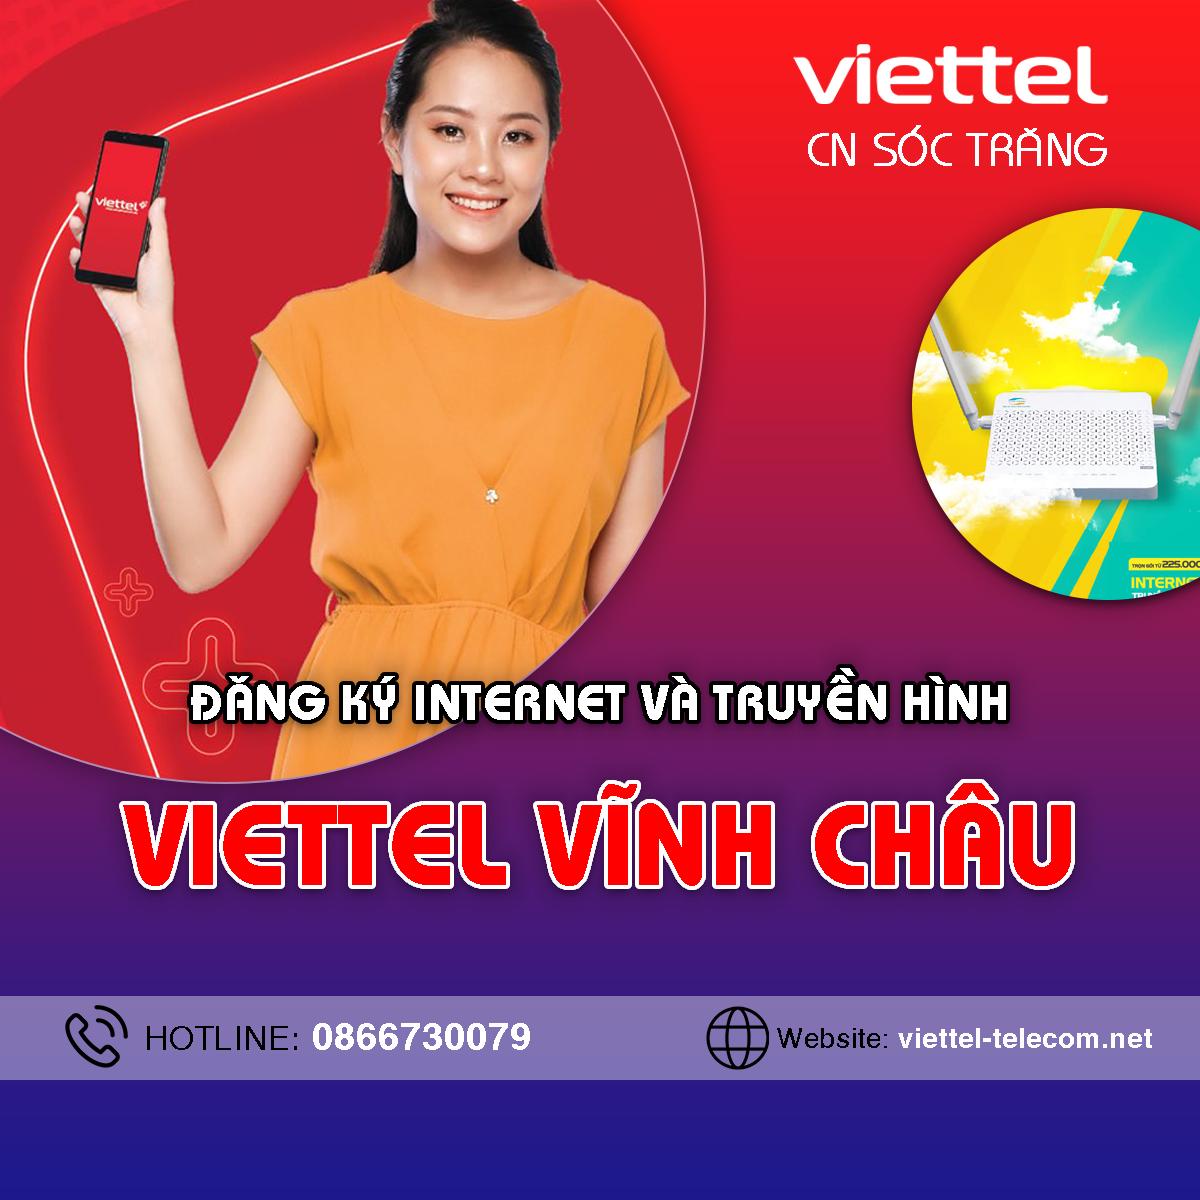 Cửa hàng Viettel huyện Vĩnh Châu